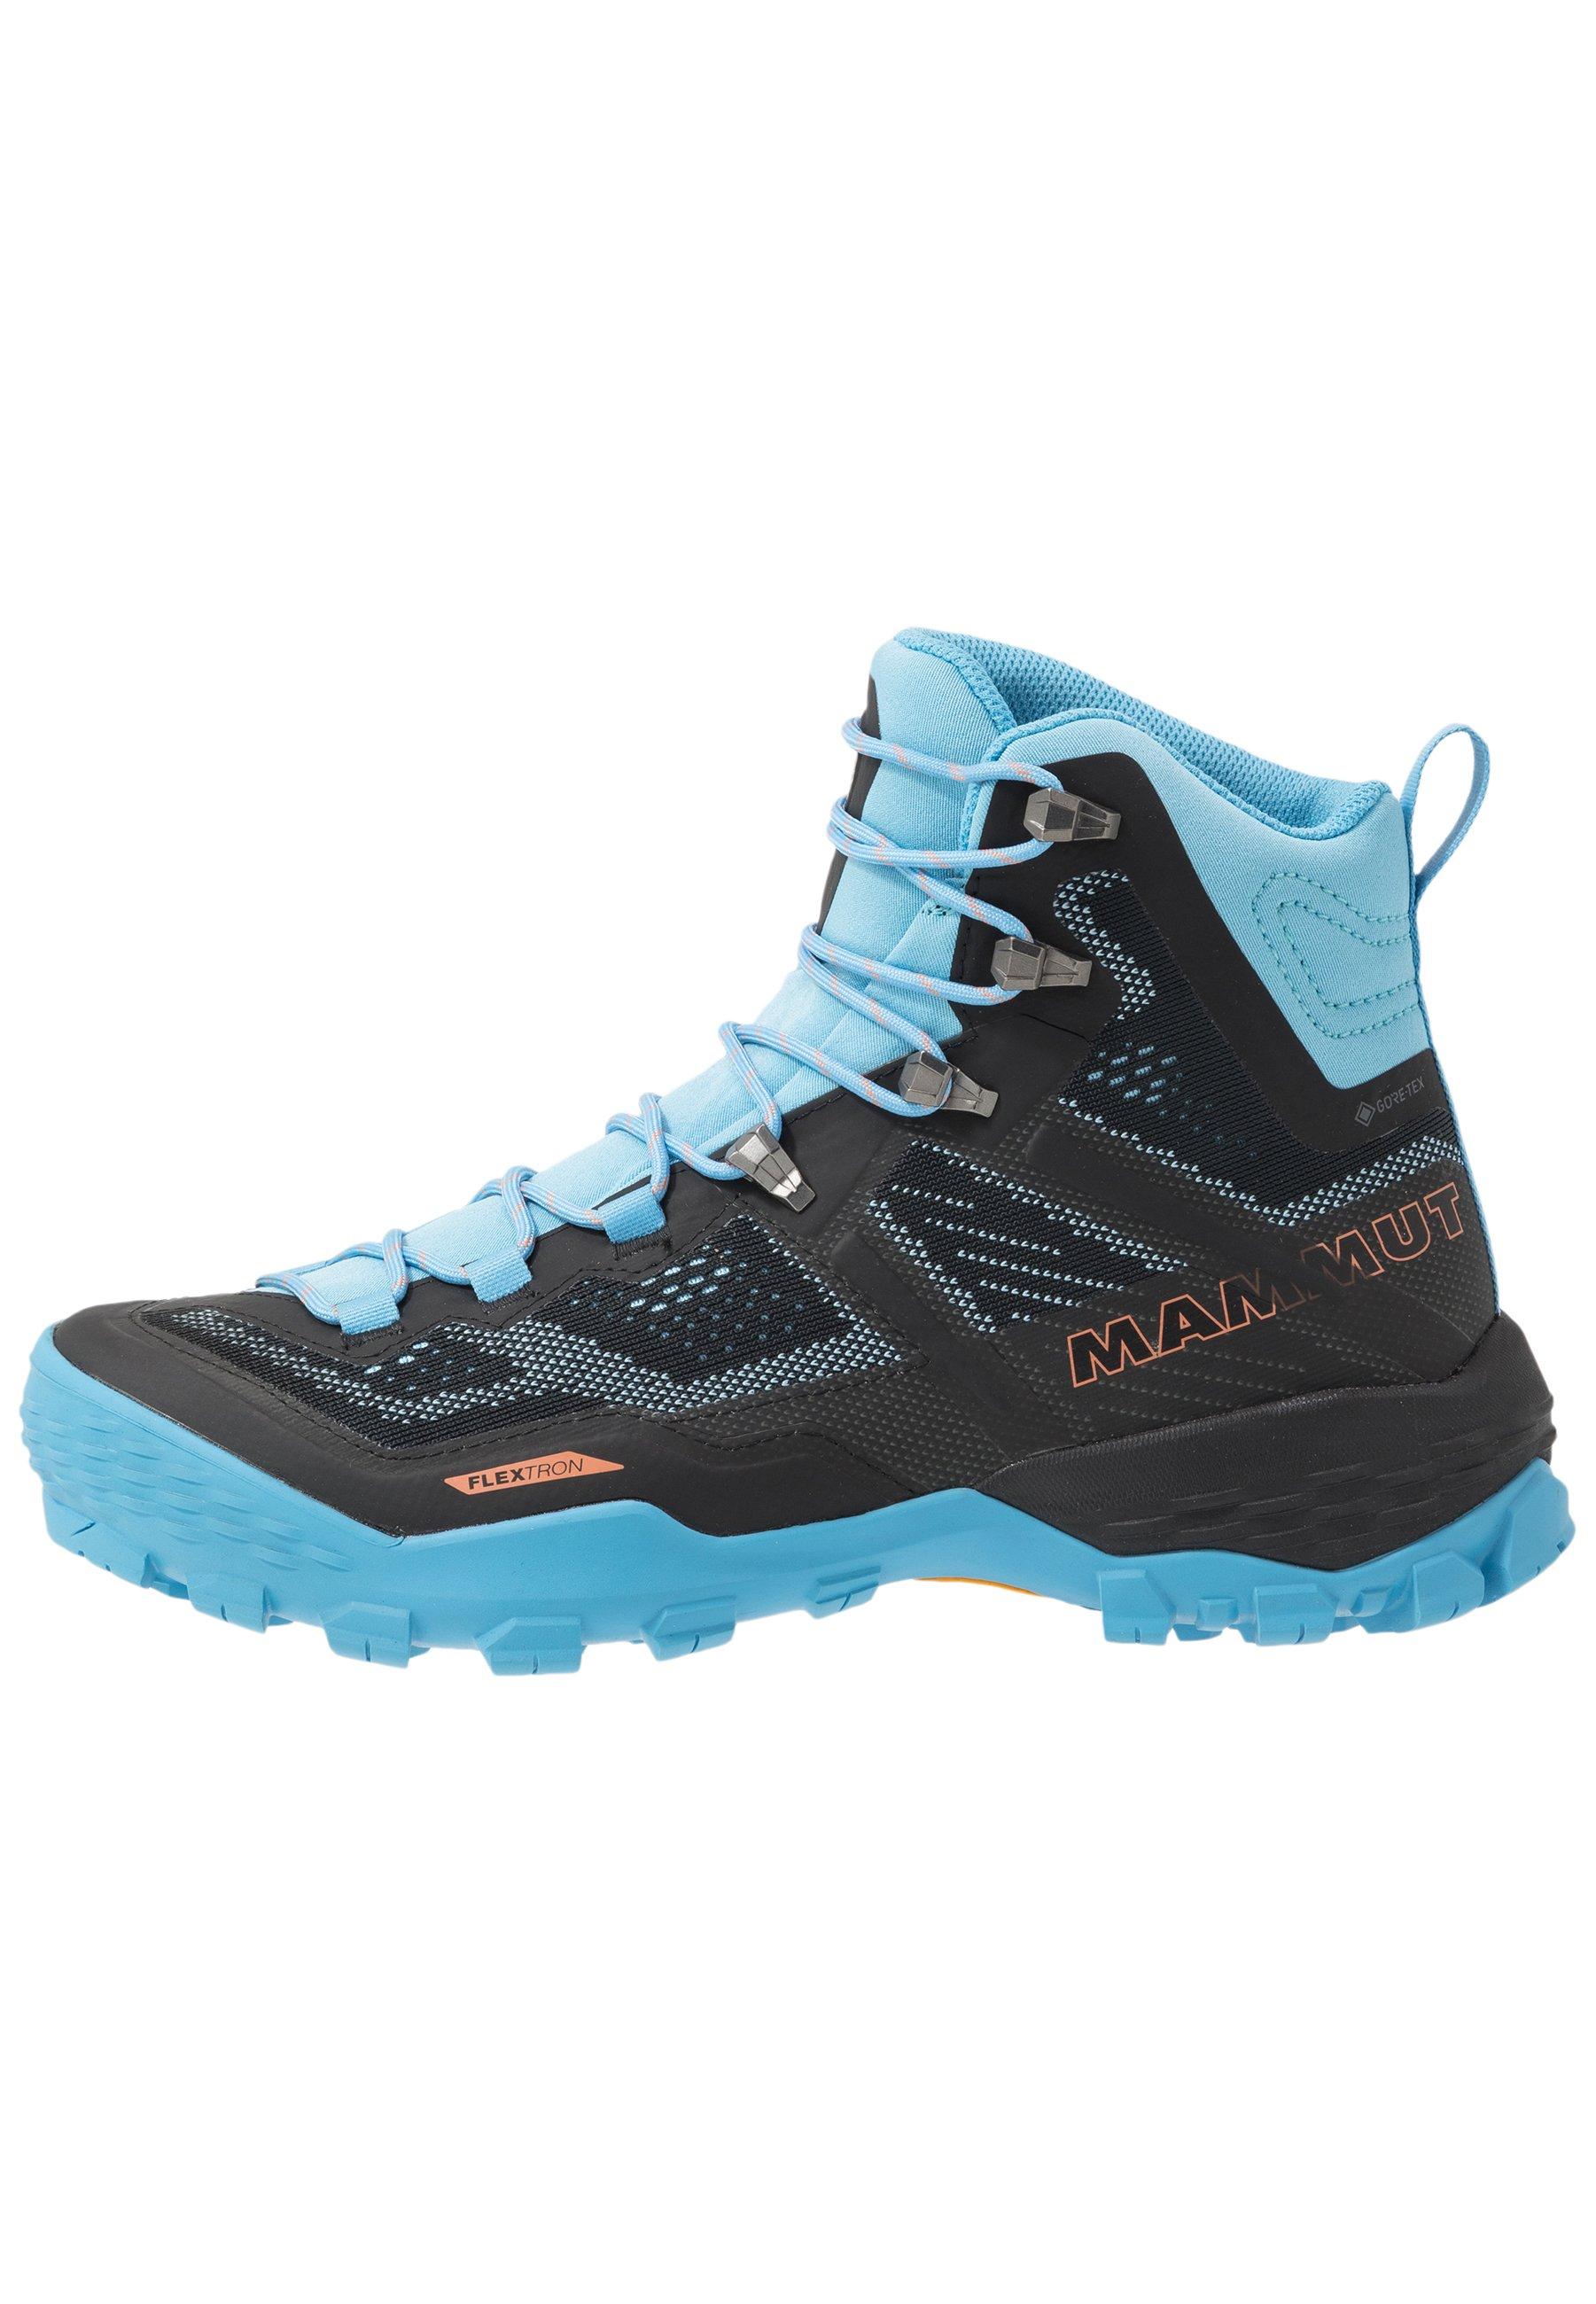 Donna DUCAN HIGH GTX WOMEN - Scarpa da hiking